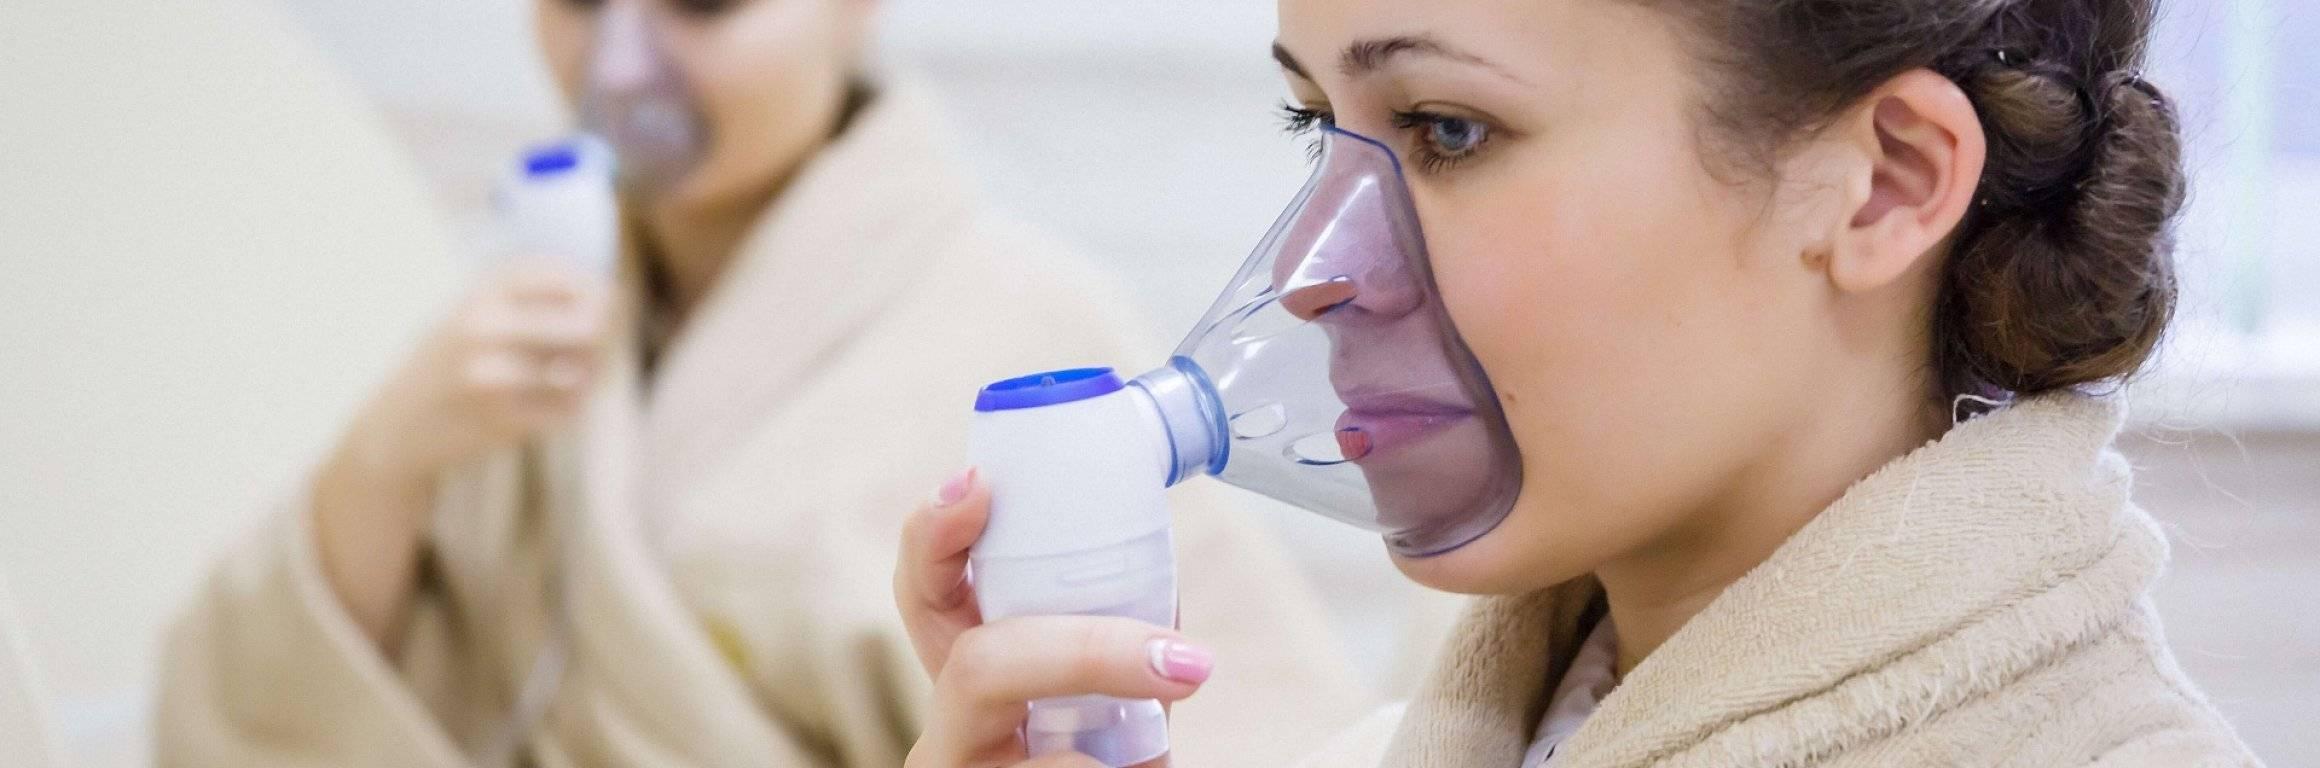 Паровые ингаляции и процедуры с небулайзером при температуре